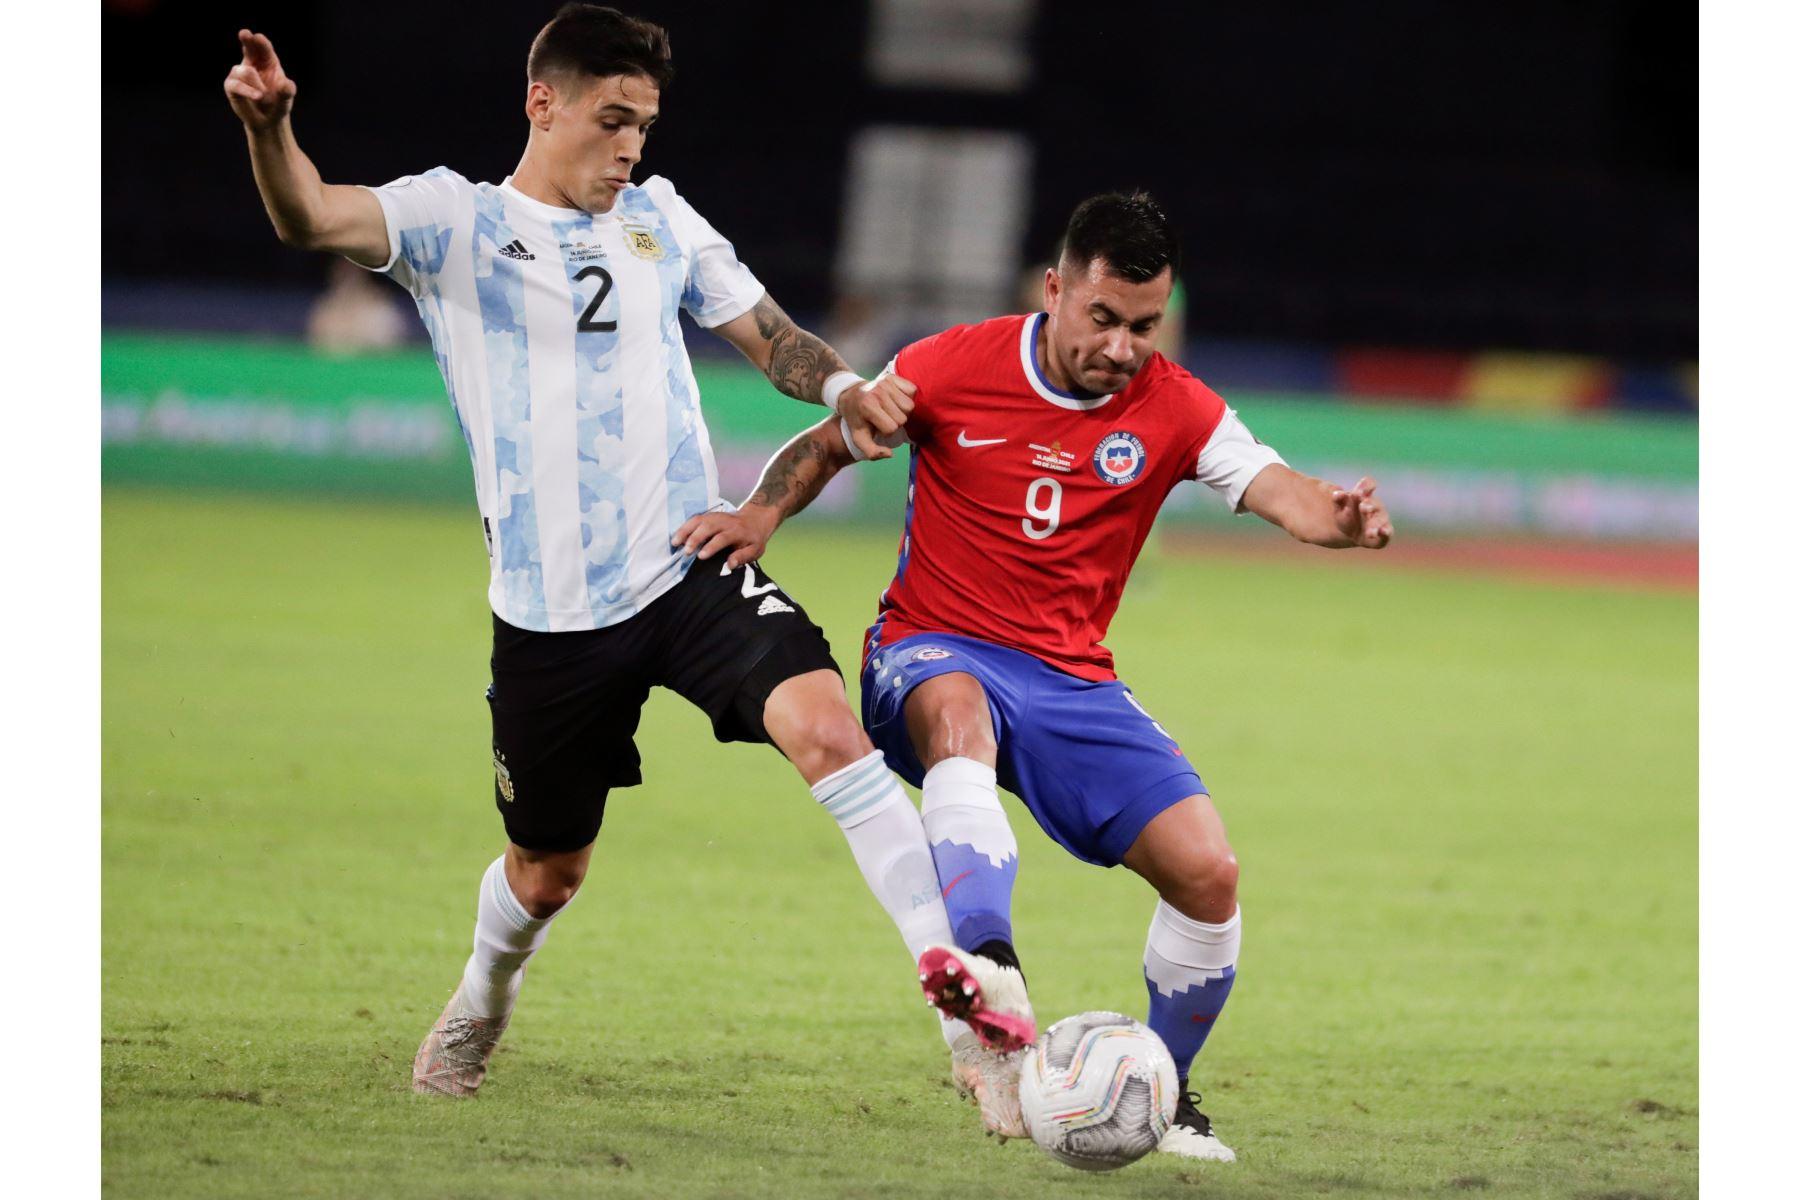 El jugador Lucas Martínez Quarta  de Argentina disputa hoy el balón con Jean Meneses de Chile, durante un partido de la Copa América en el estadio Olímpico Nilton Santos, en Río de Janeiro. Foto: EFE